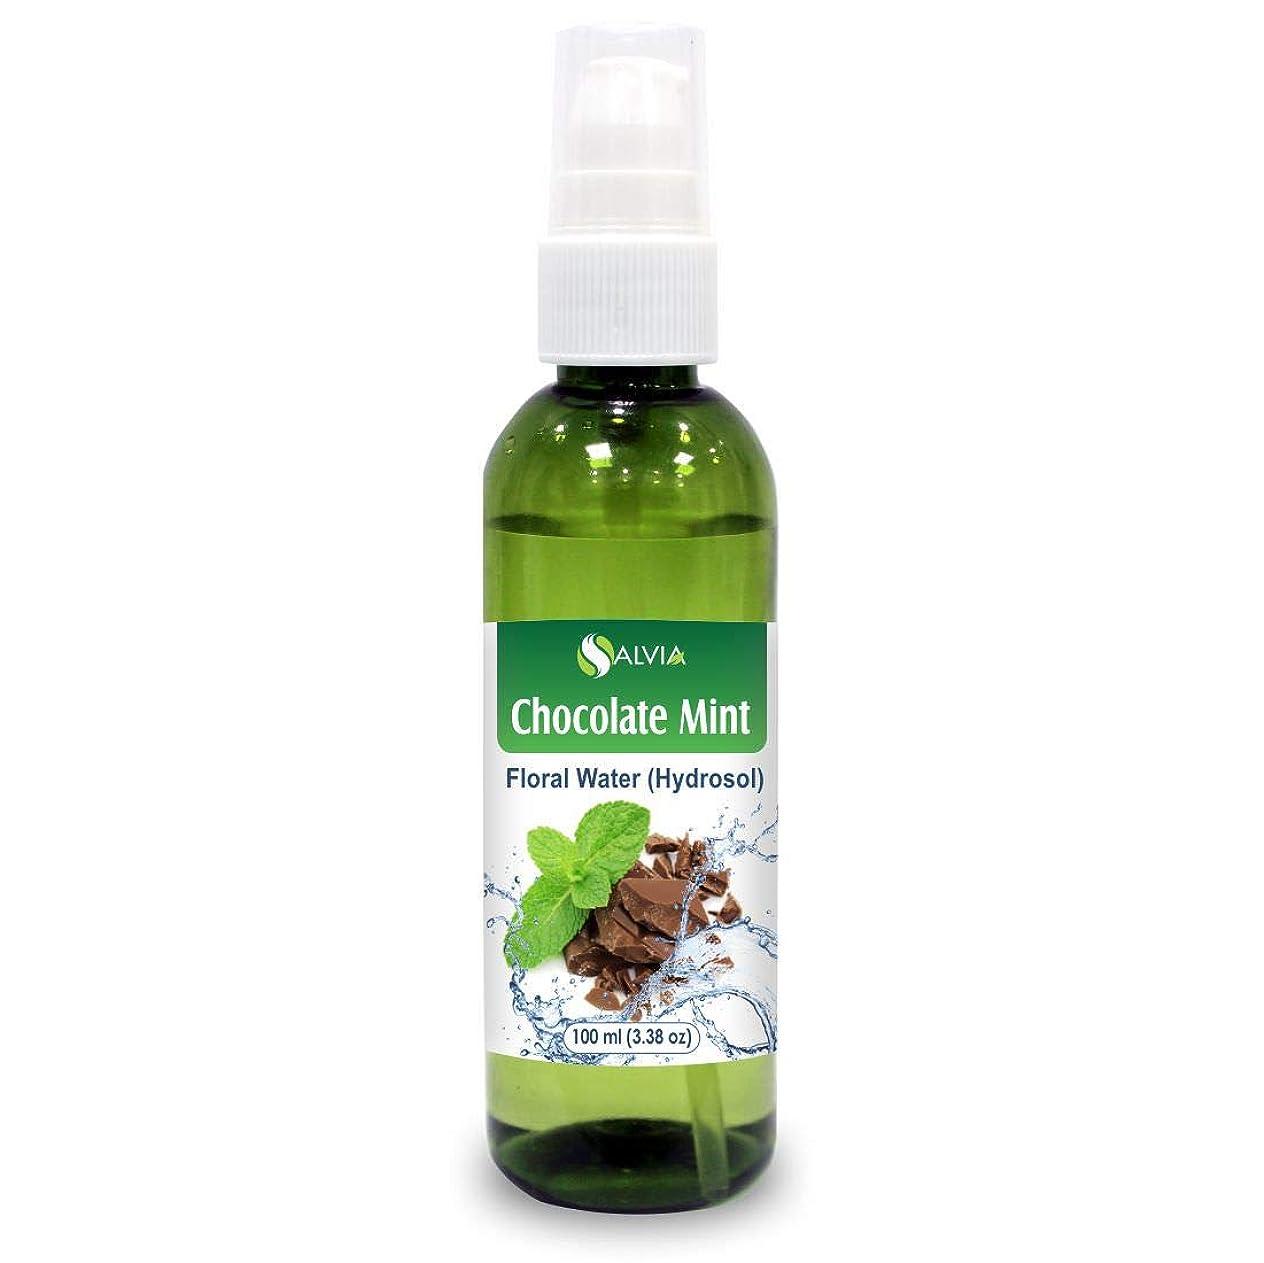 深いオーナーもっともらしいChocolate Mint Floral Water 100ml (Hydrosol) 100% Pure And Natural